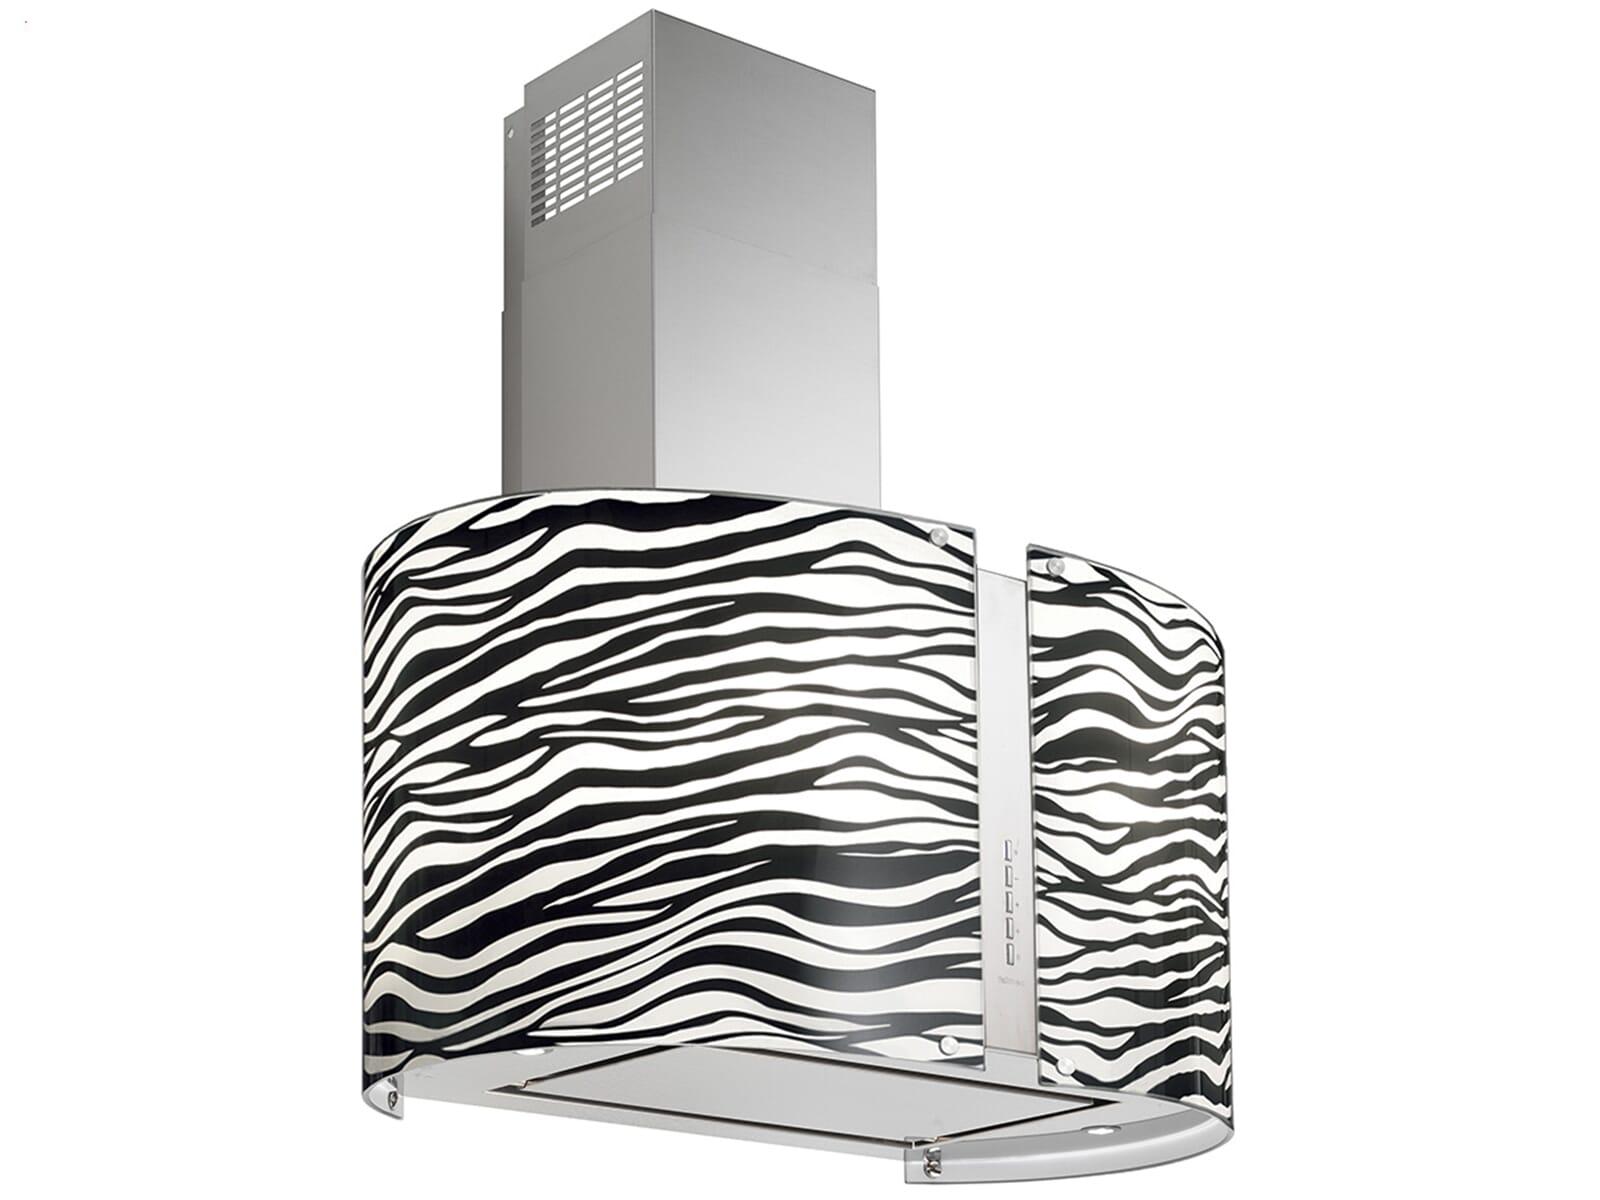 Falmec Mirabilia Zebra Wandhaube Edelstahl ~ Entsafter Zebra